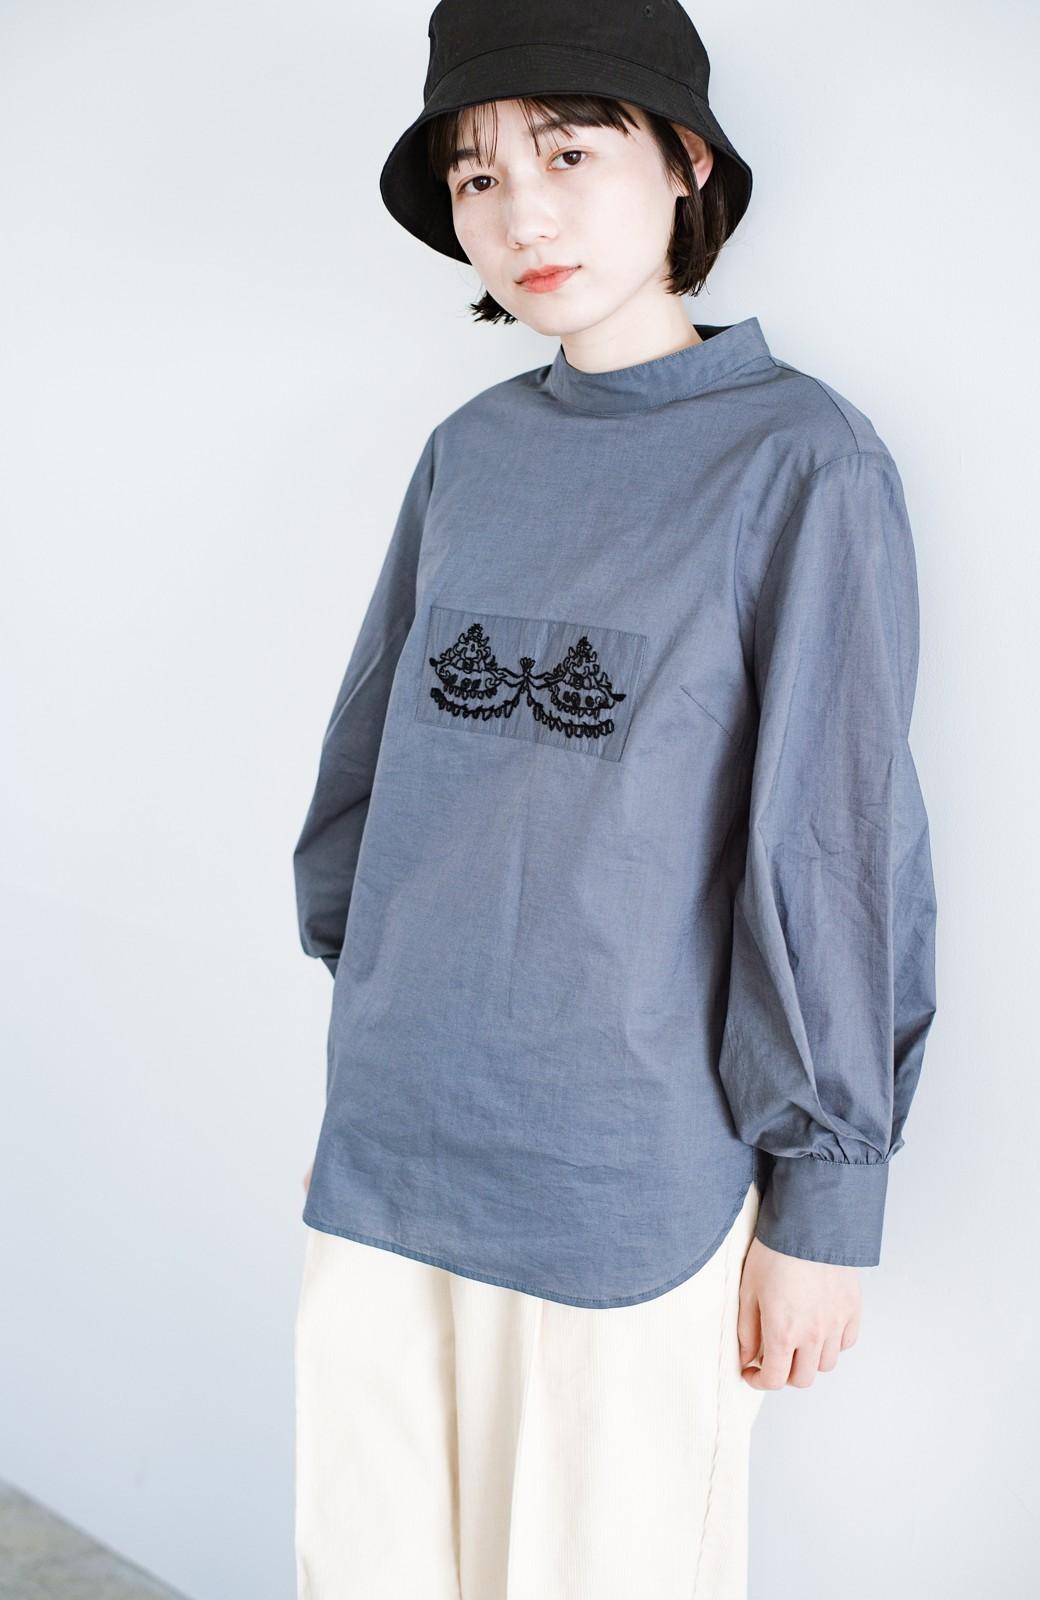 haco! 上品な刺繍がまるでレースのよう オーガニックコットンの袖ぽんわりブラウス from Stitch by Stitch <グレイッシュブルー>の商品写真16